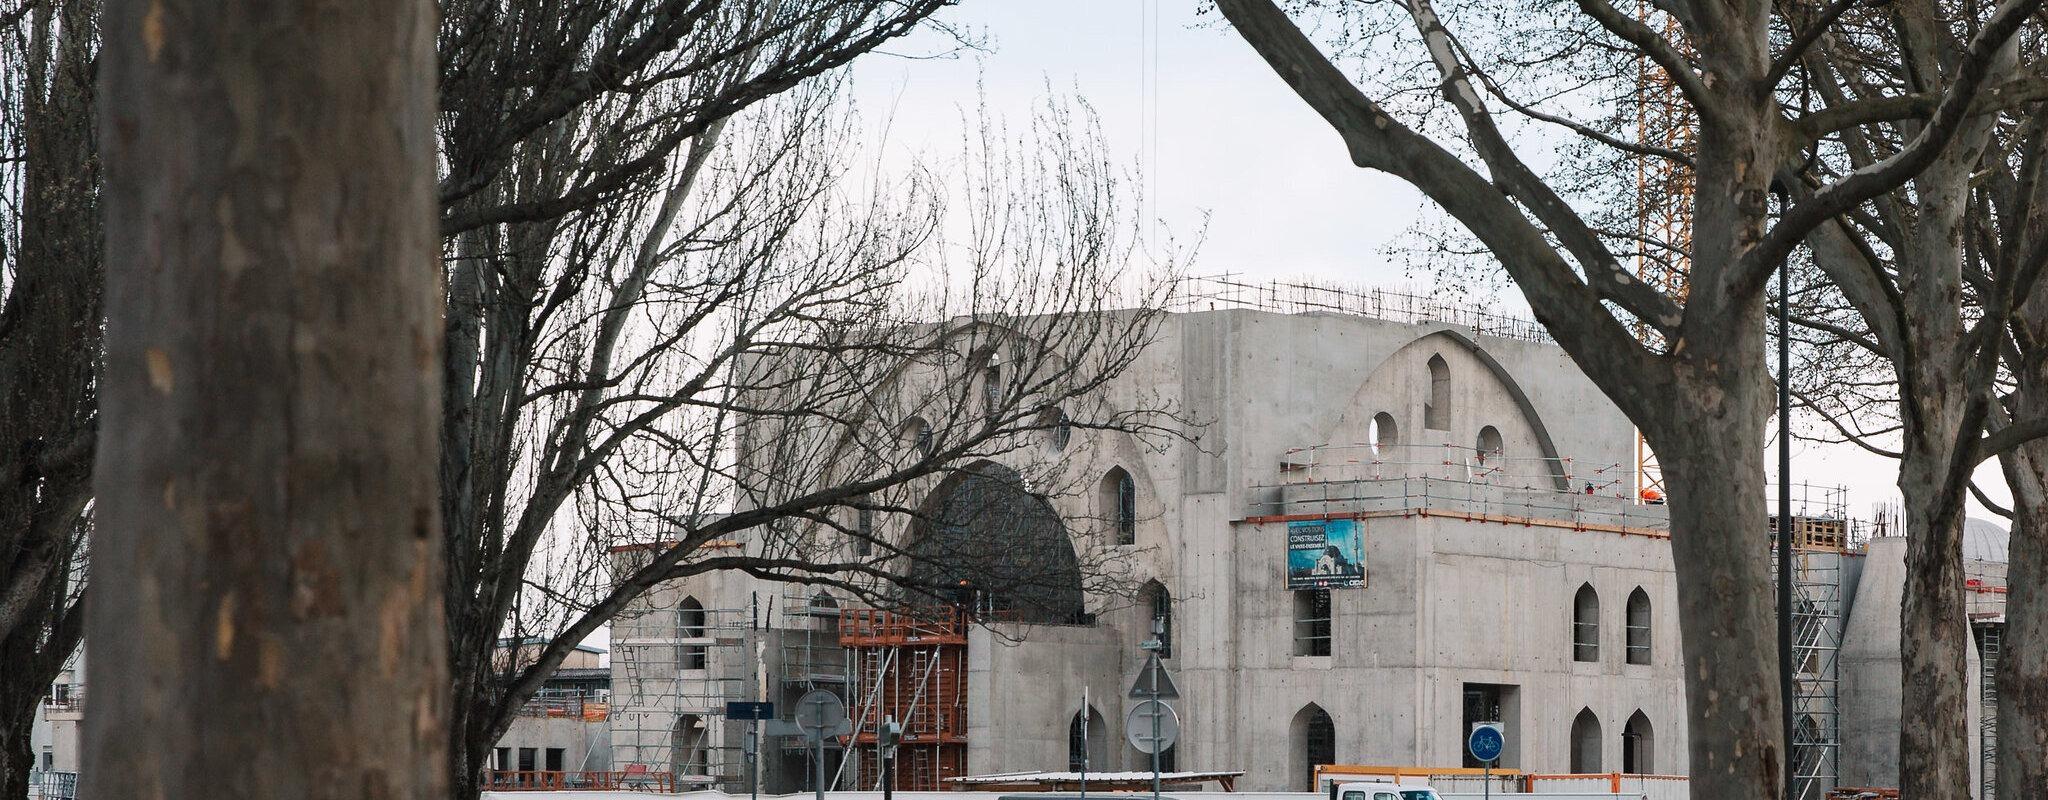 La mosquée Eyyub Sultan renonce à sa demande de subvention